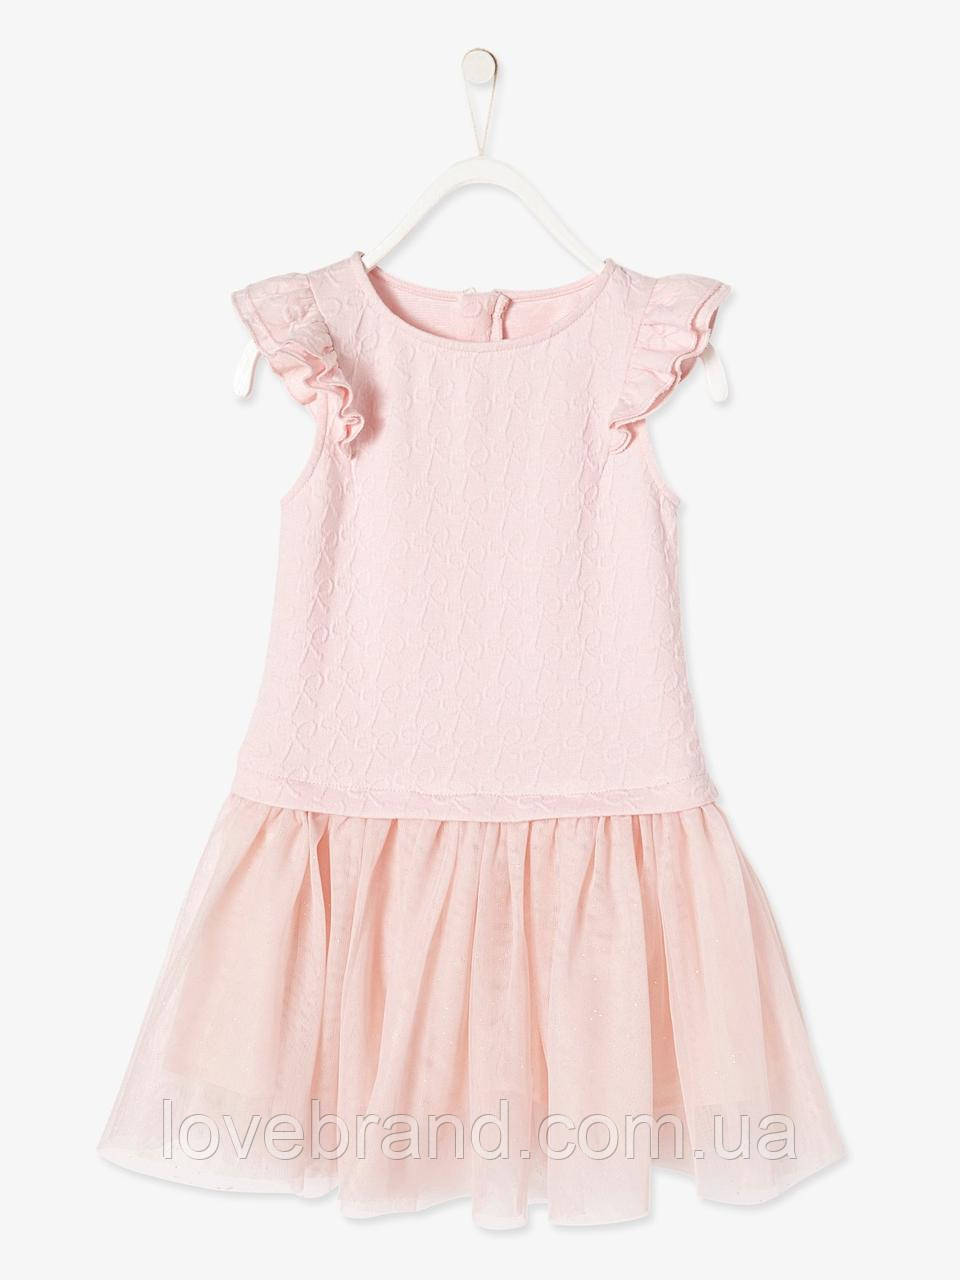 Нежное розовое платье на девочку Vertbaudet (Франция)